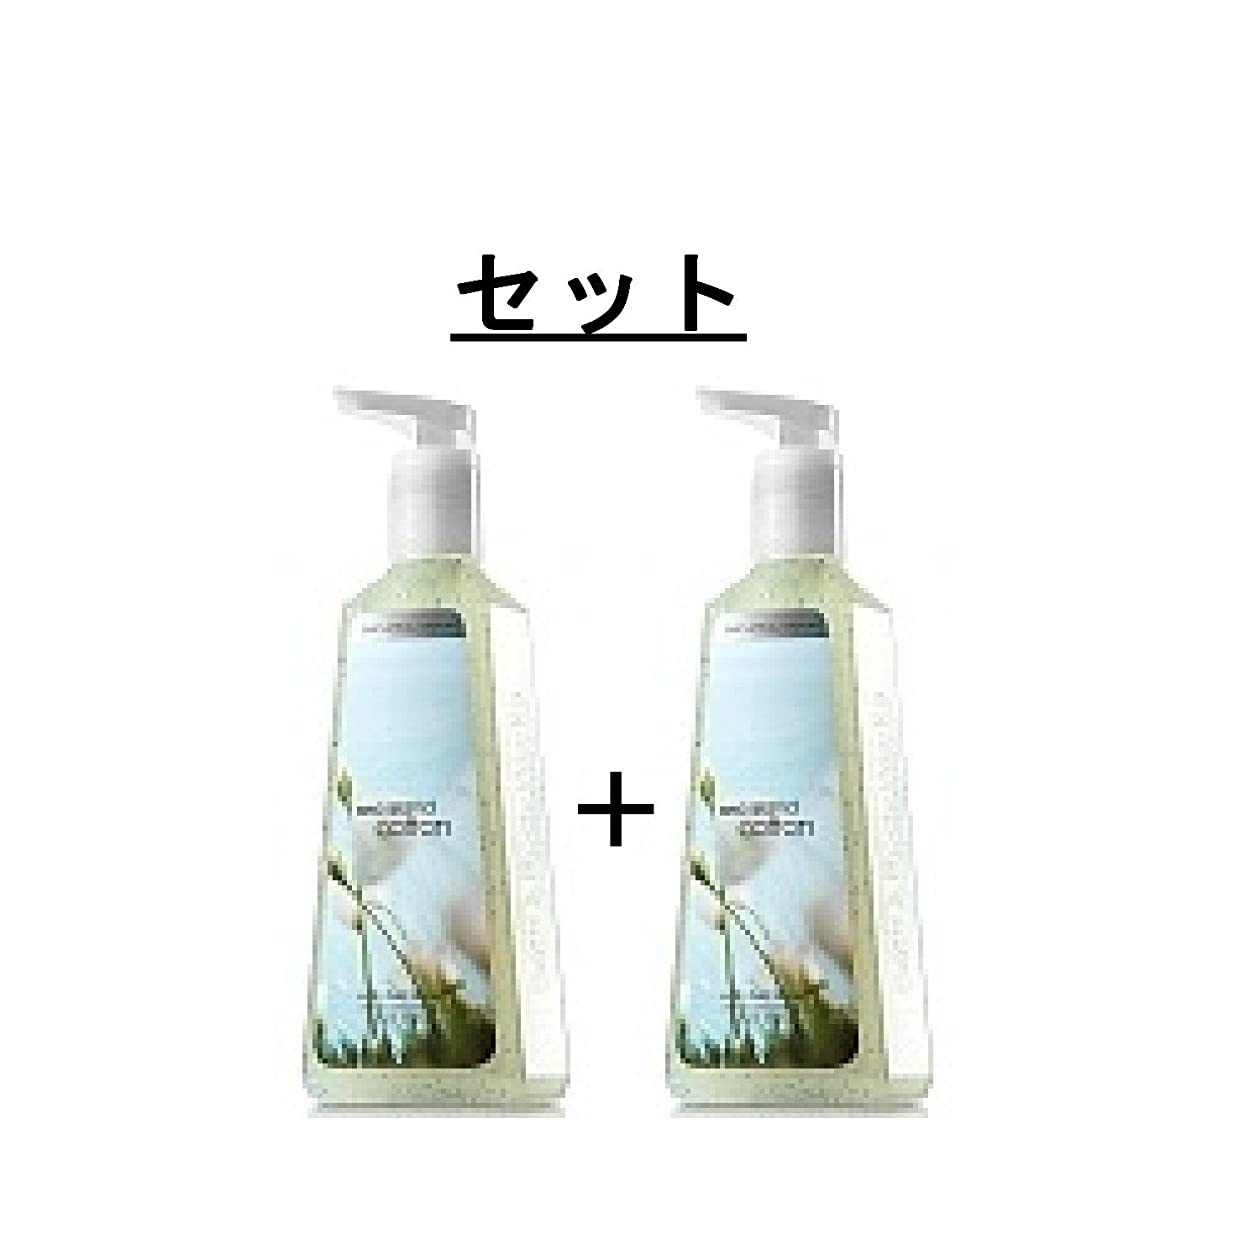 余暇おしゃれじゃない交通Bath & Body Works Sea Island Cotton Antibacterial Deep Cleansing Hand Soap Set of 2 シーアイランドコットン【並行輸入品】